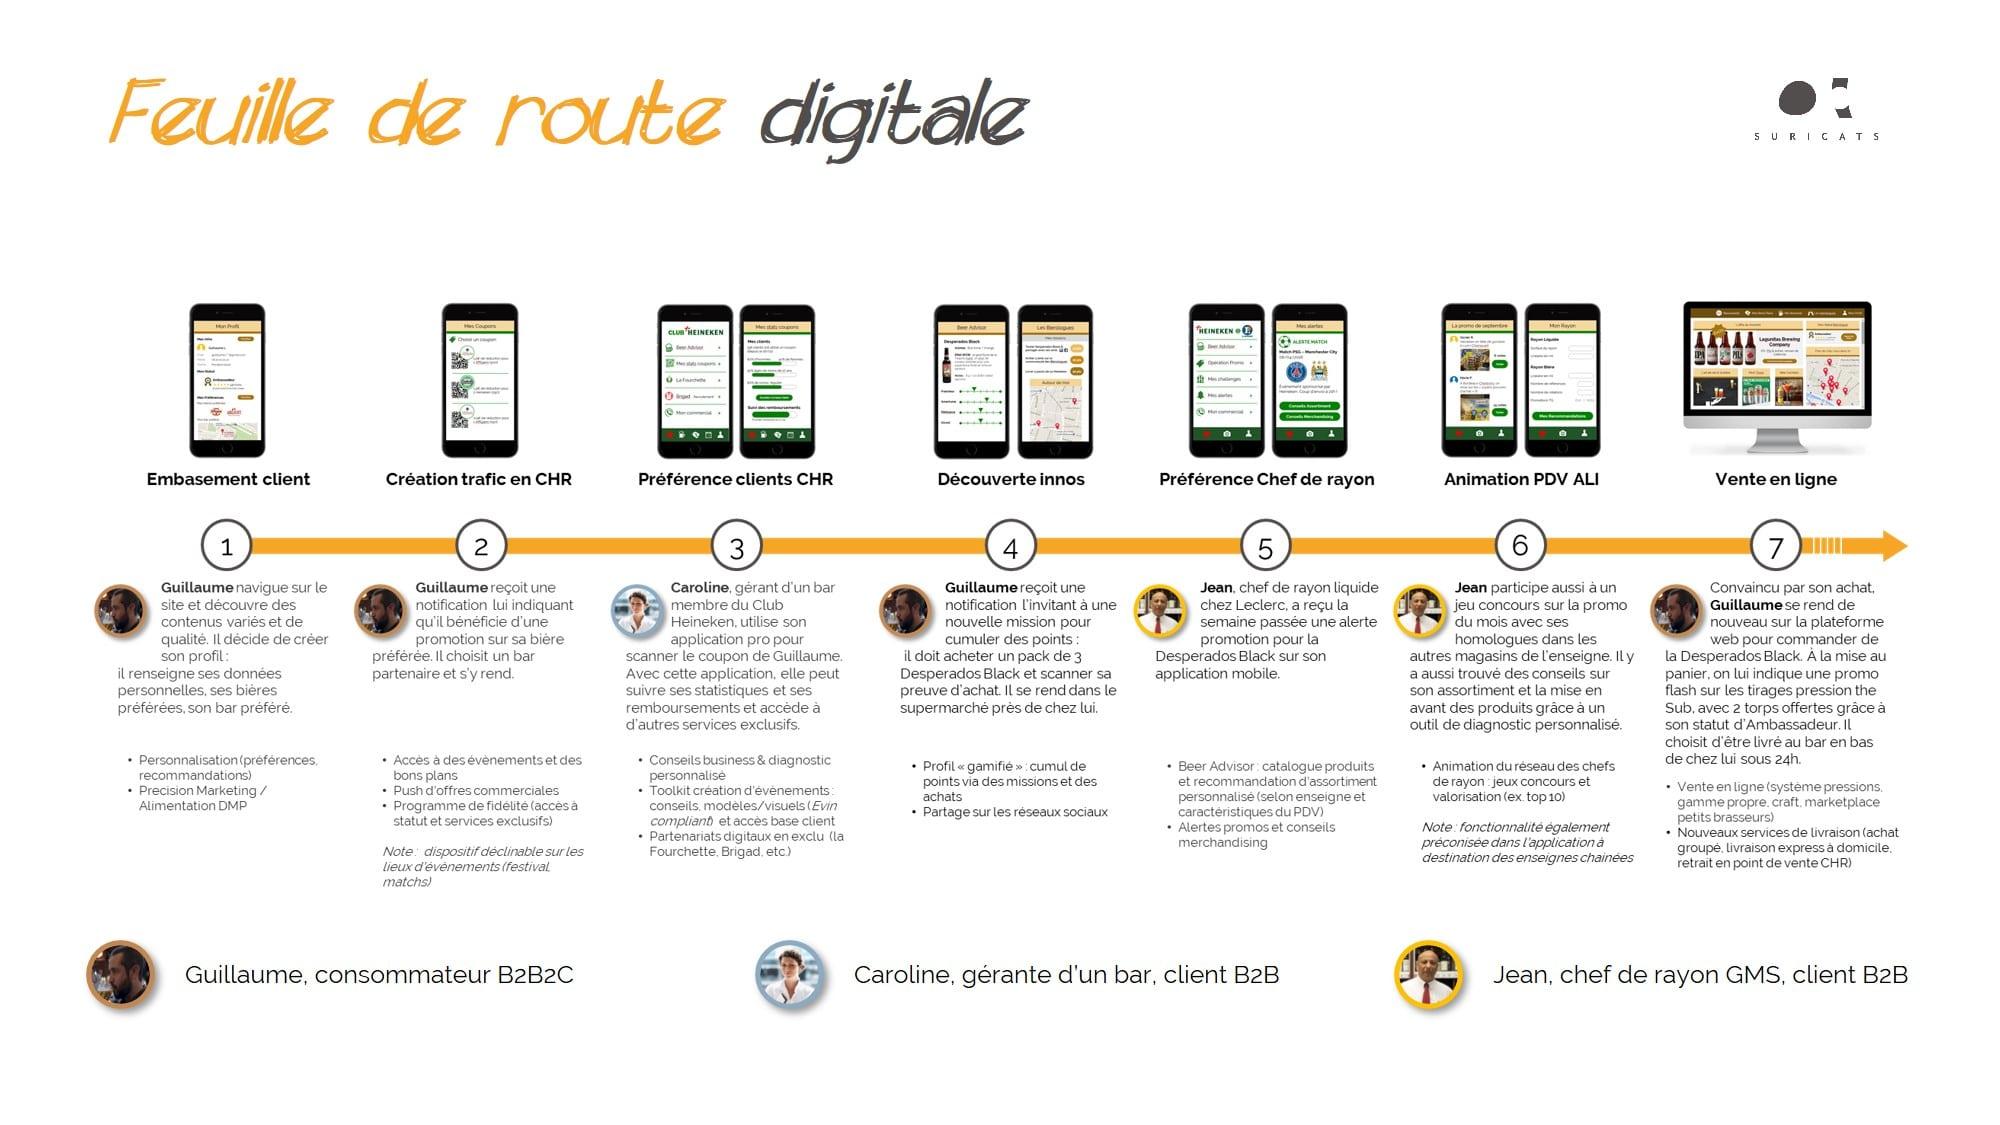 Feuille de route digitale by Suricats - stratégie digitale